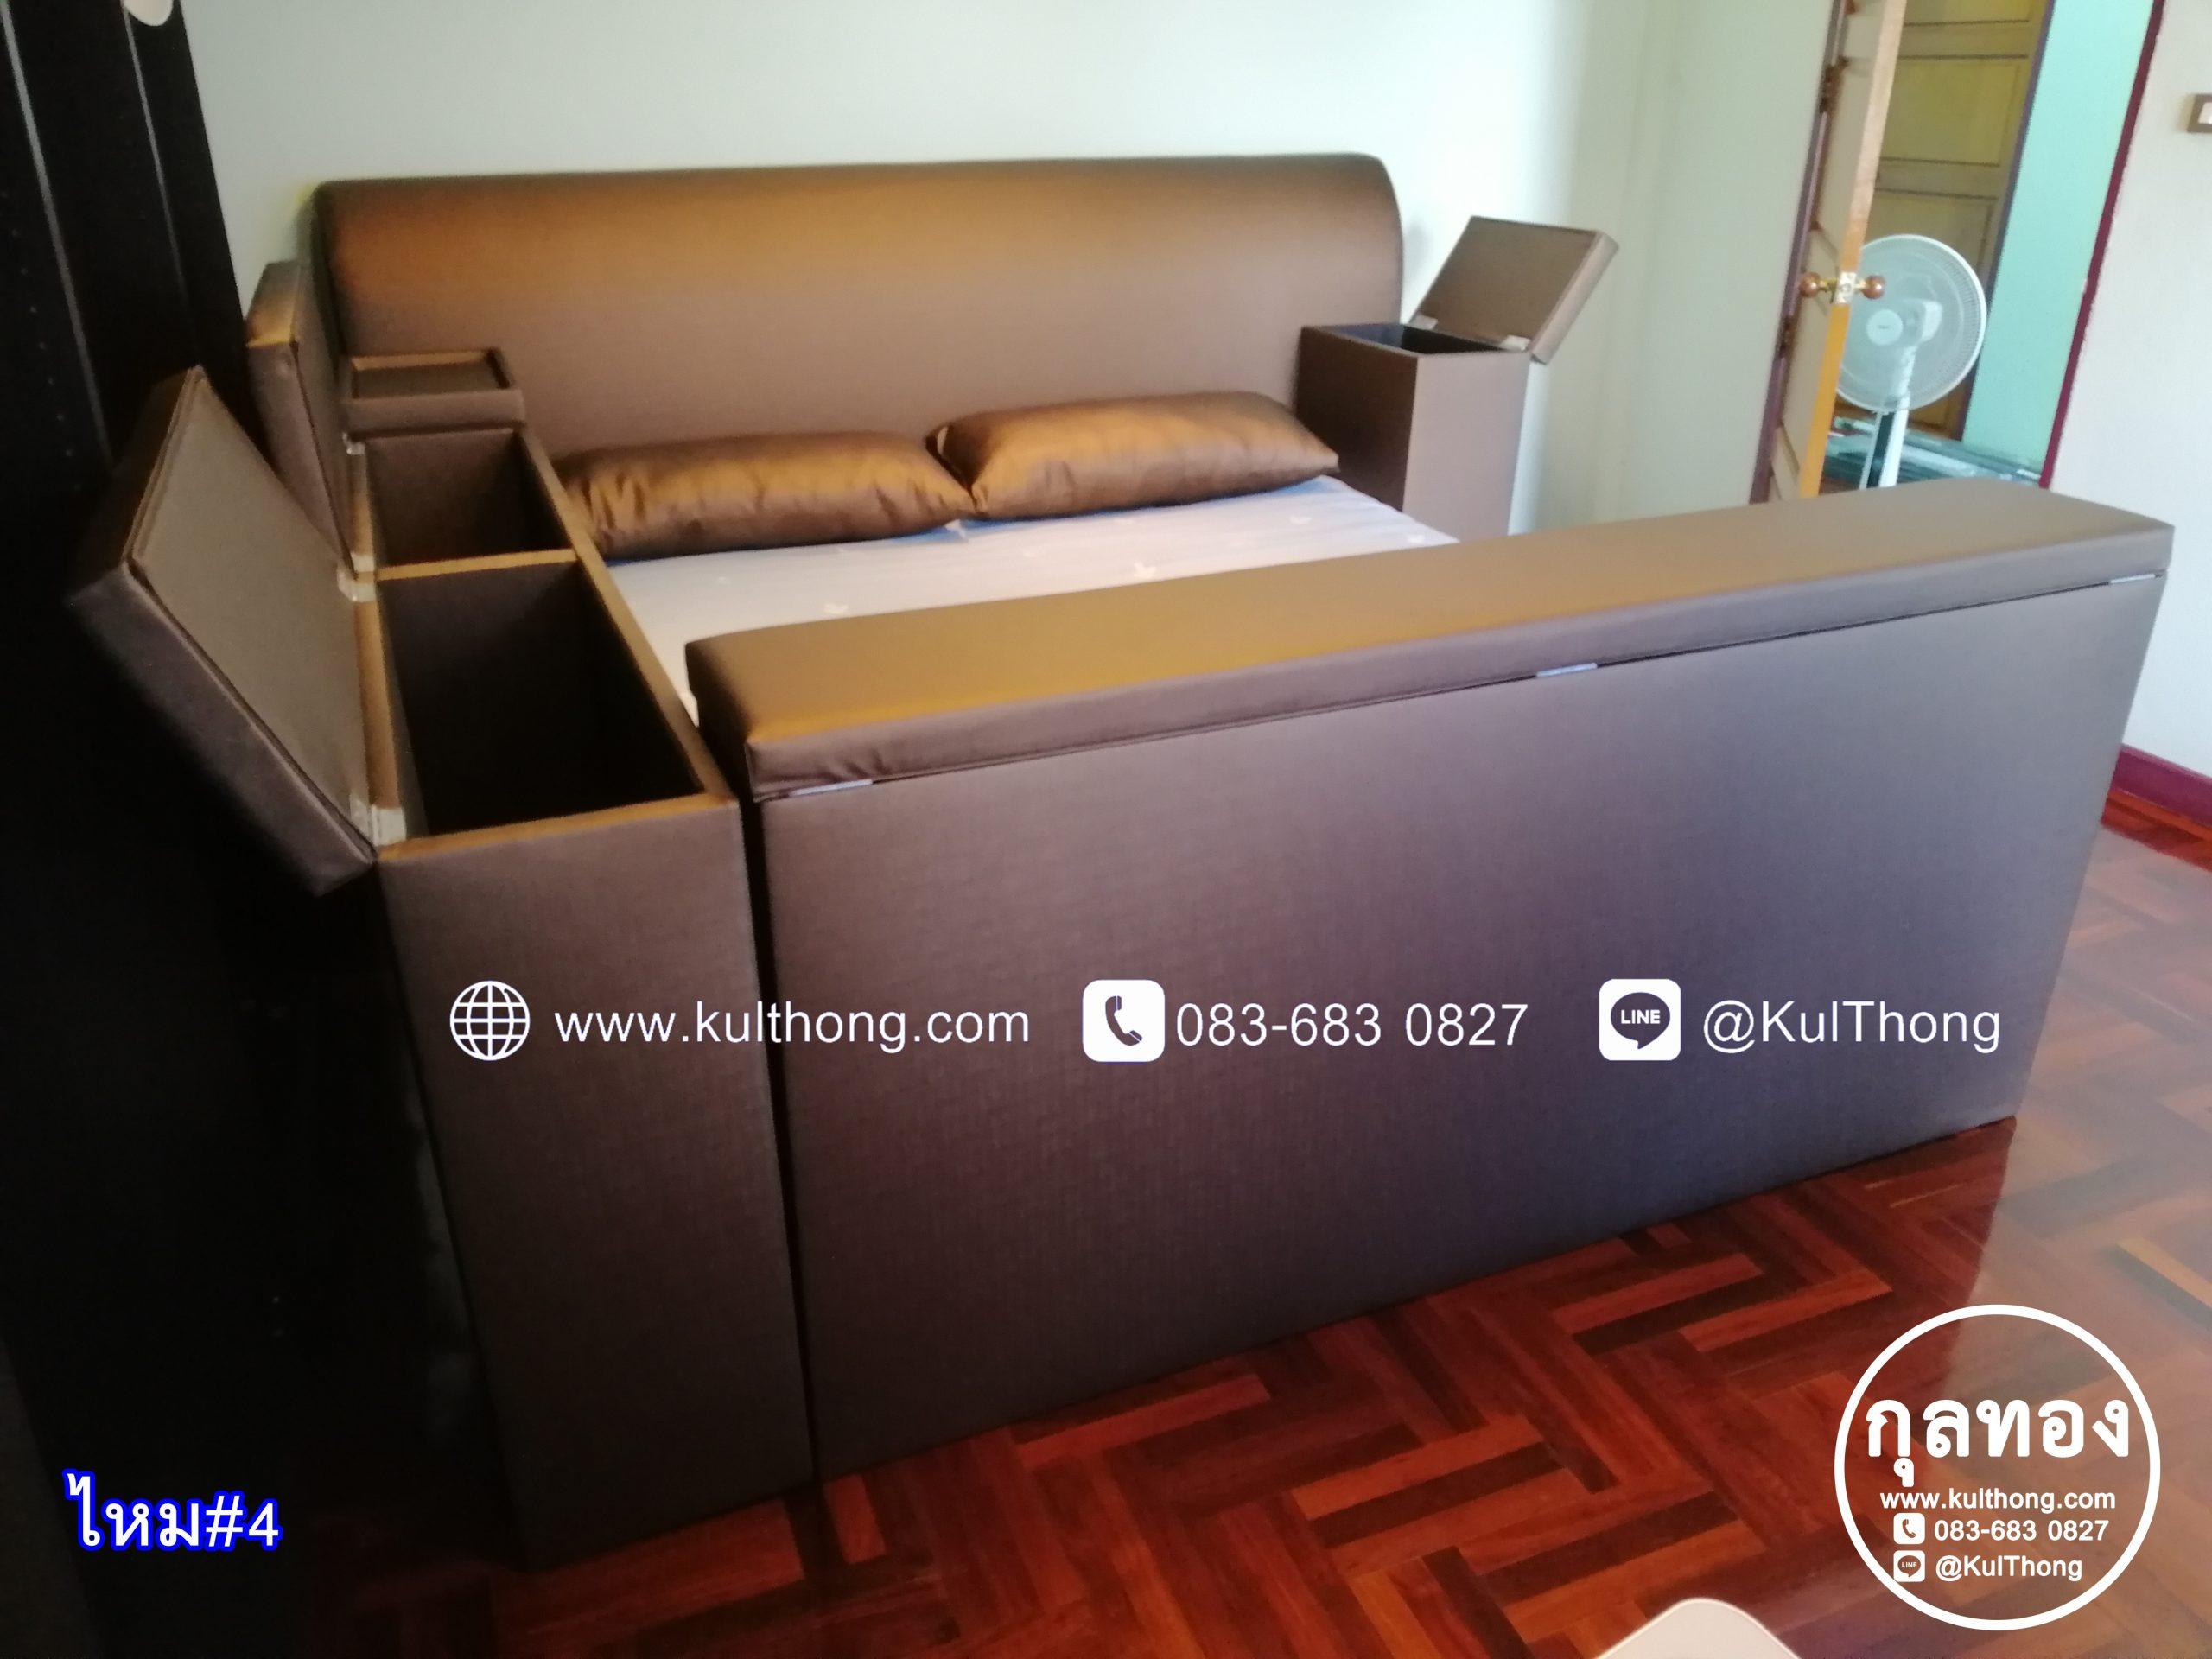 เตียงมีกล่อง เตียงกล่องหุ้มหนัง เตียงหุ้มหนังมีฝาเปิด